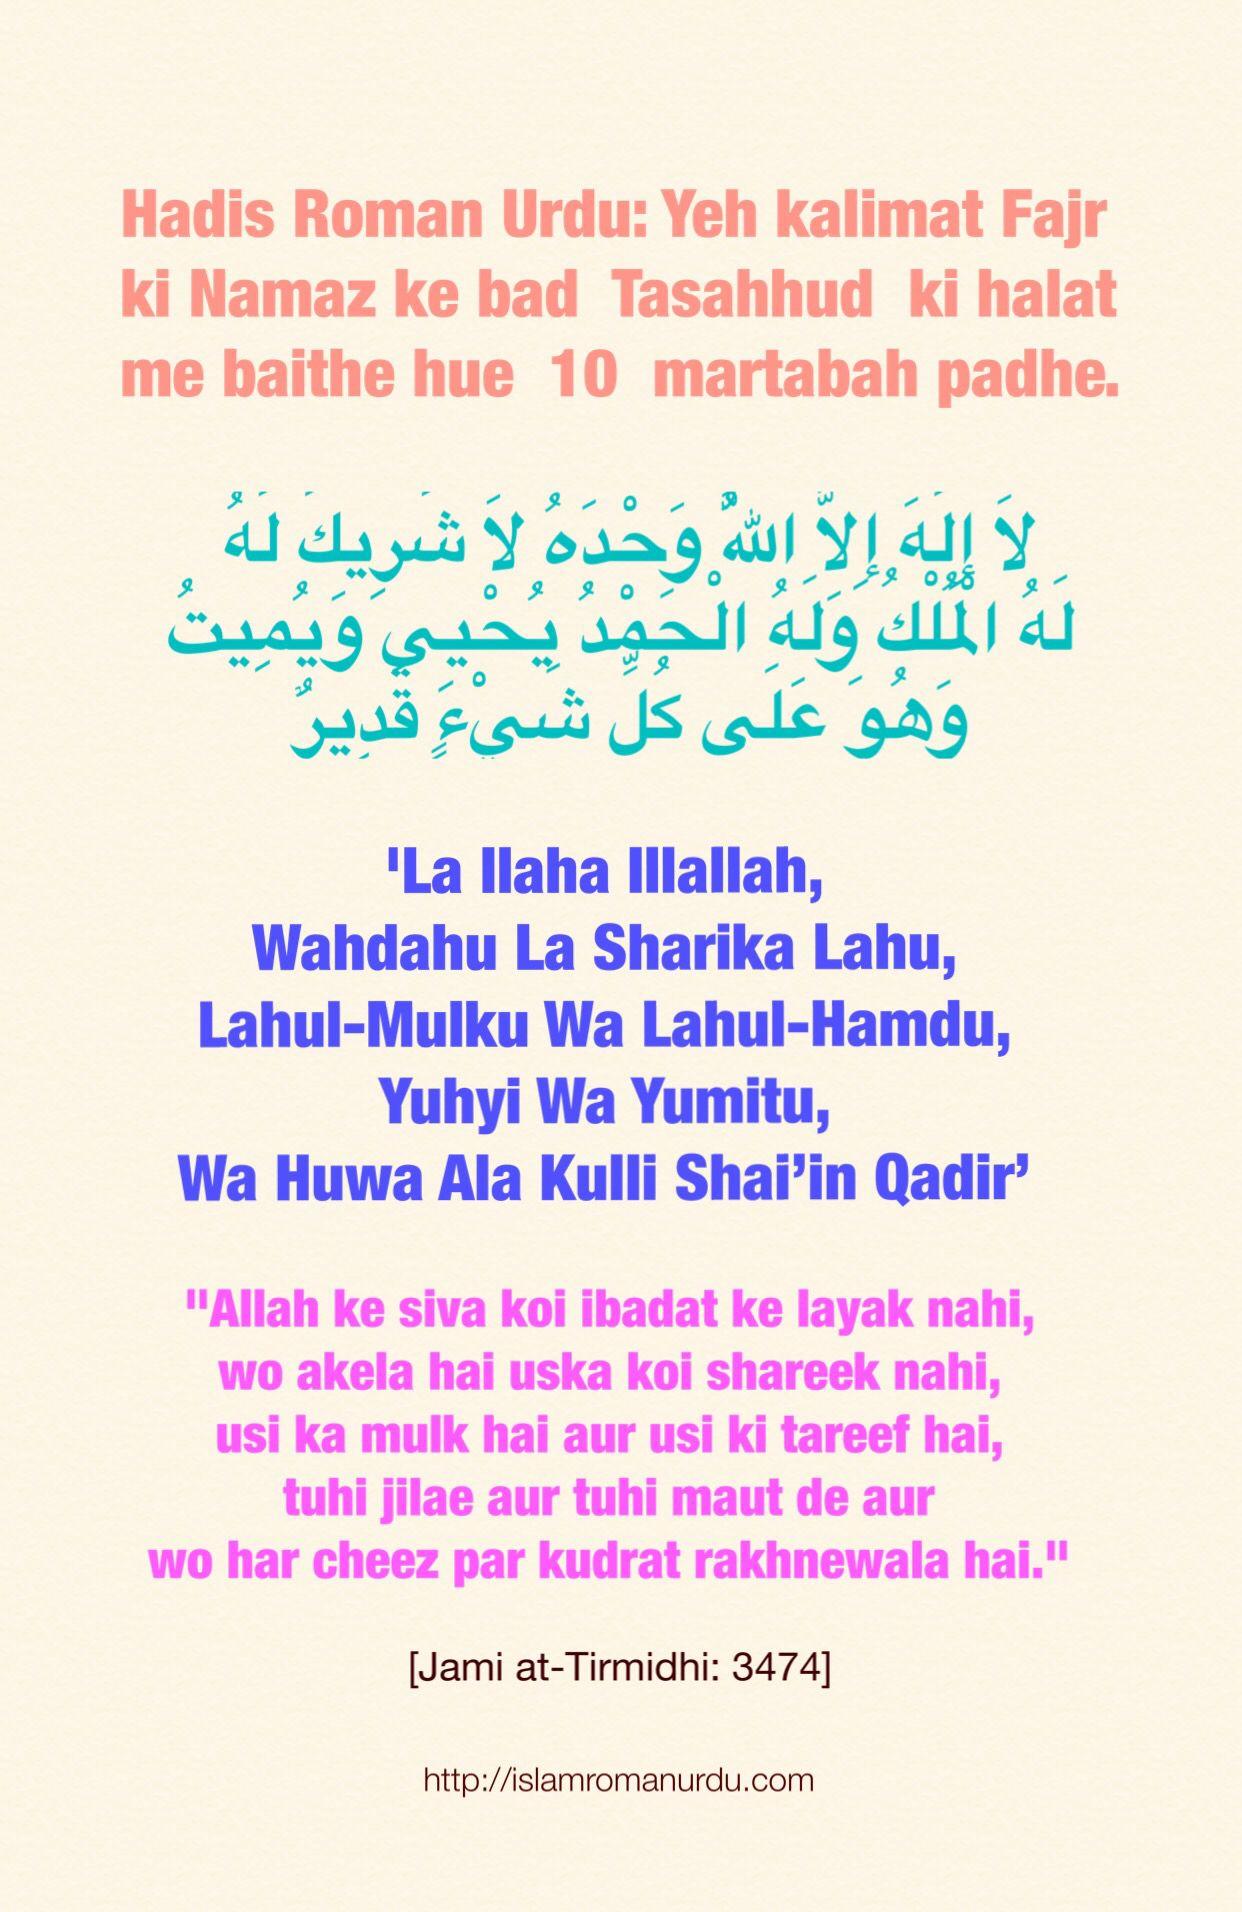 Astagfirullah Tulisan Arab : astagfirullah, tulisan, Ilaha, Illallah,, Wahdahu, Sharika, Lahu,, Lahul-Mulku, Lahul-Hamdu,, Yuhyi, Yumitu,, Kulli, Shai'in, Qadir', Islamic, Quotes,, Allah